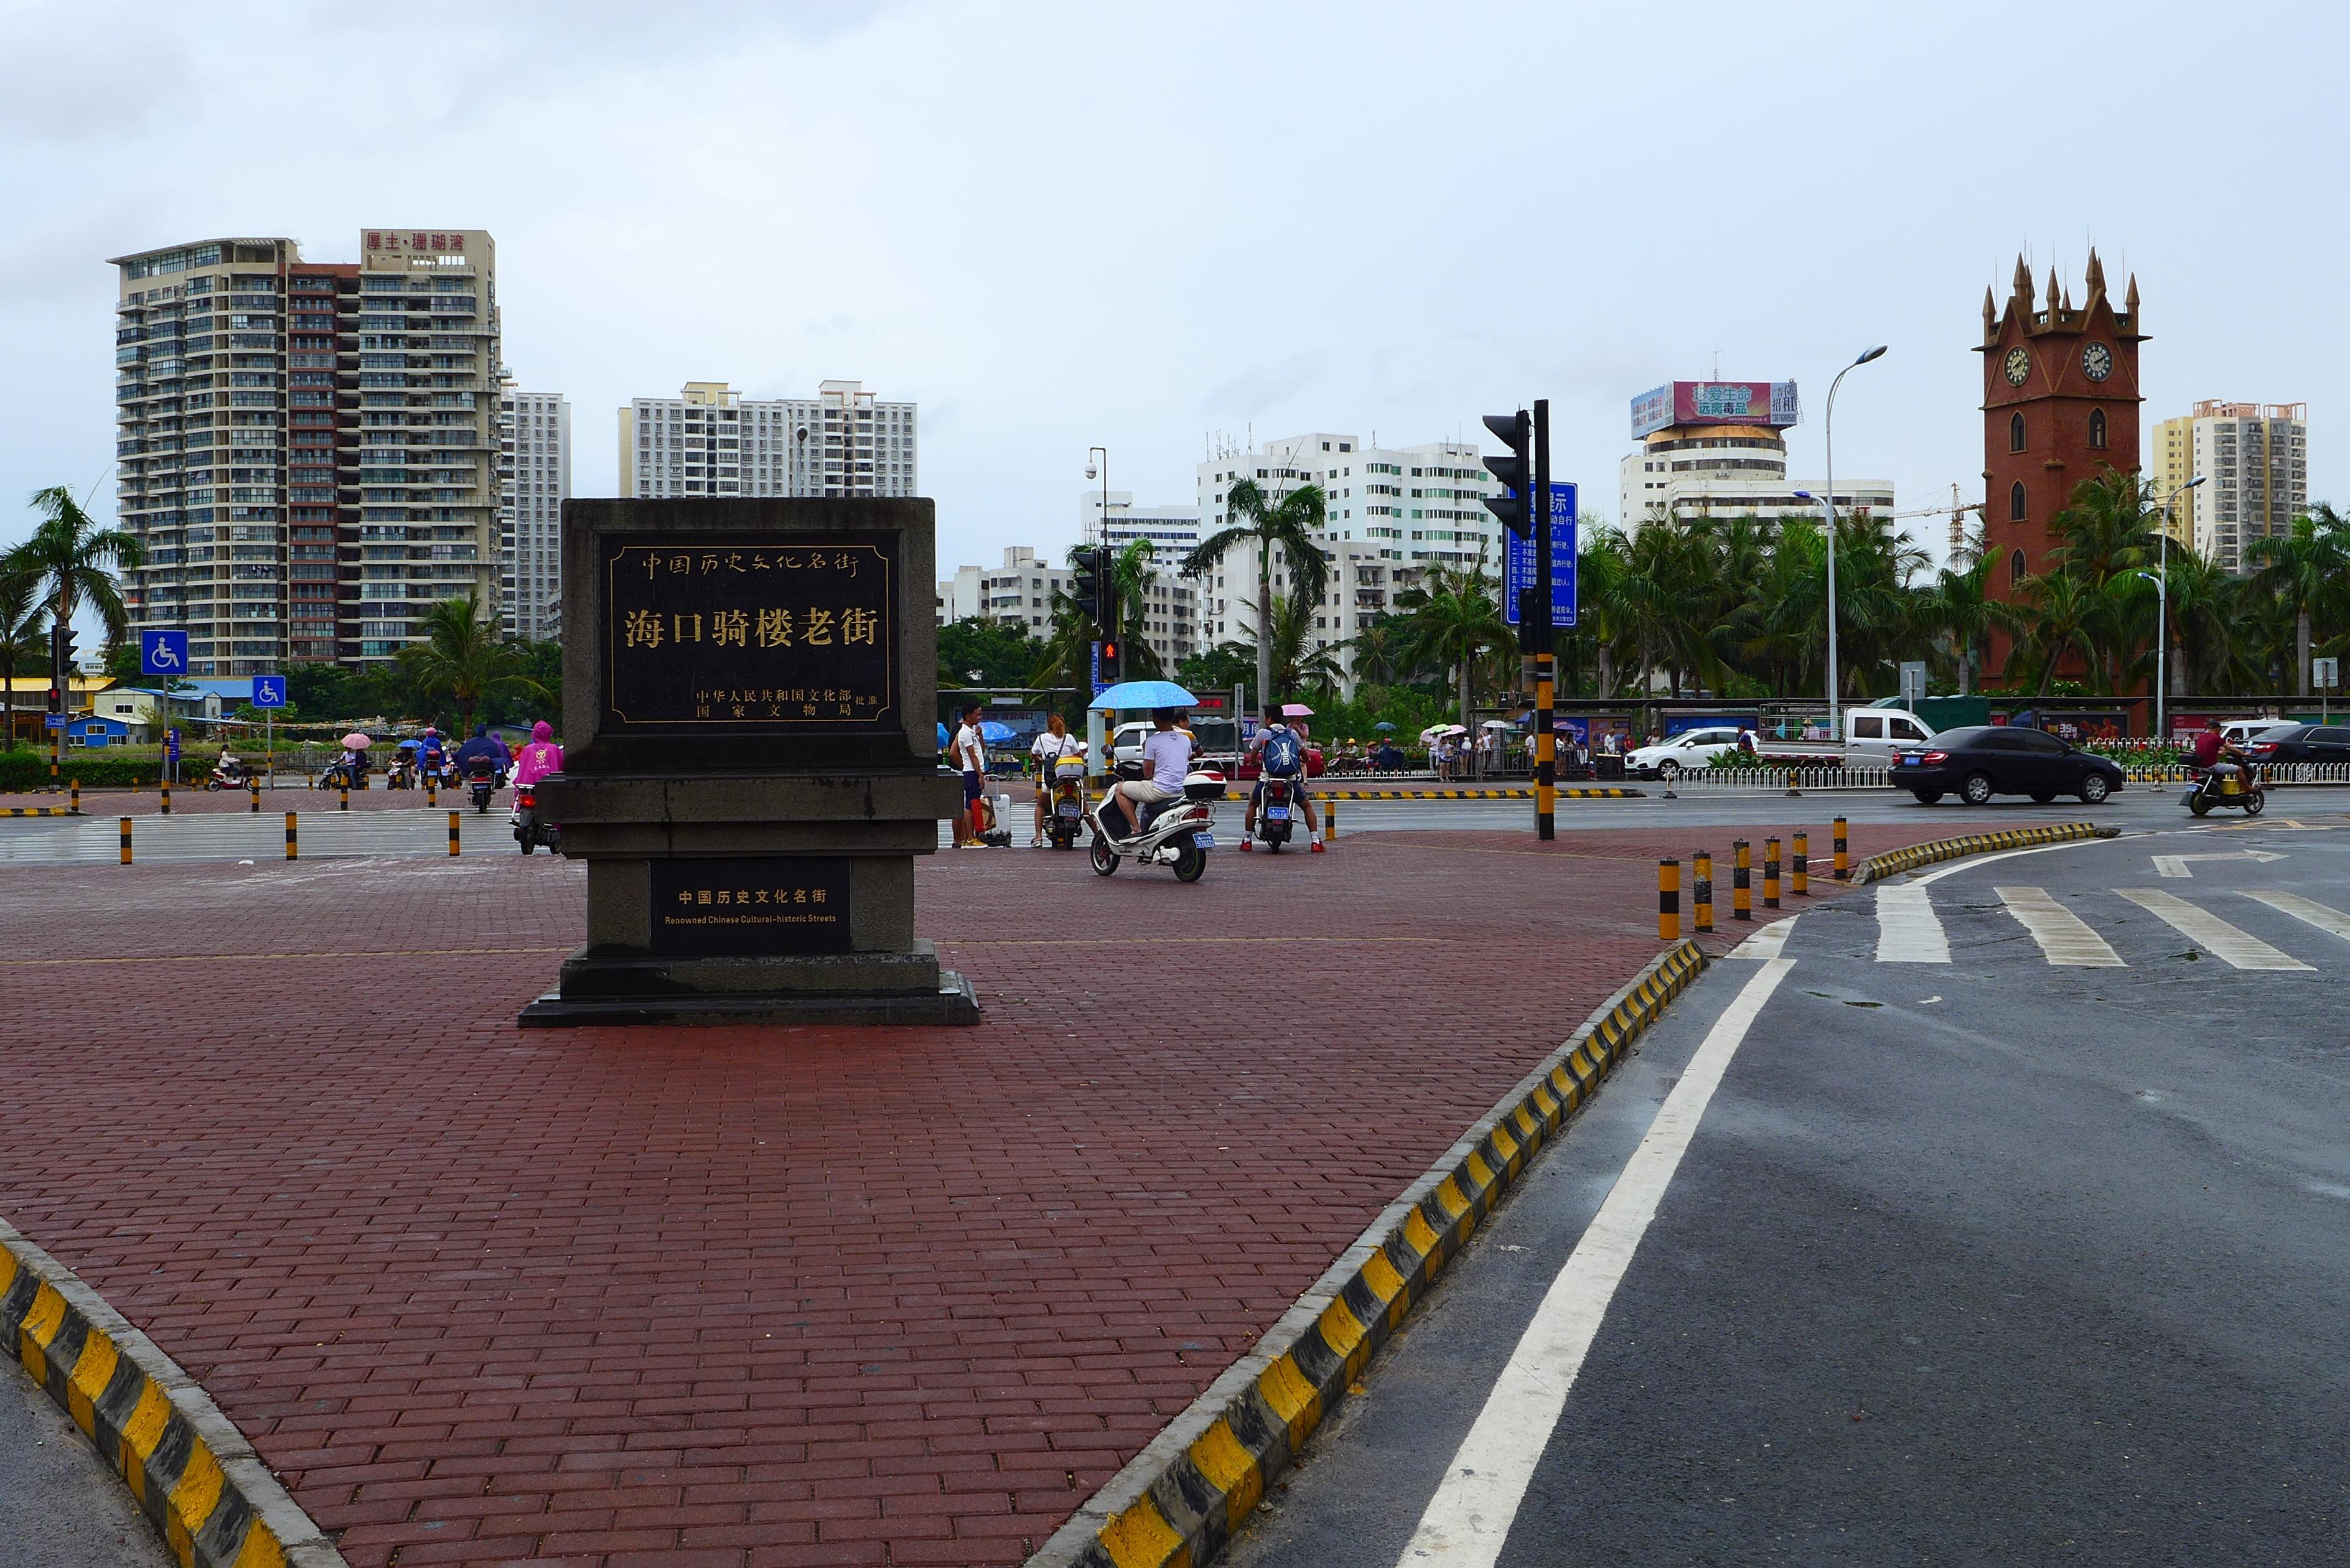 海南省20个最好玩的地方,景区景点图文介绍,山清水秀更怡人